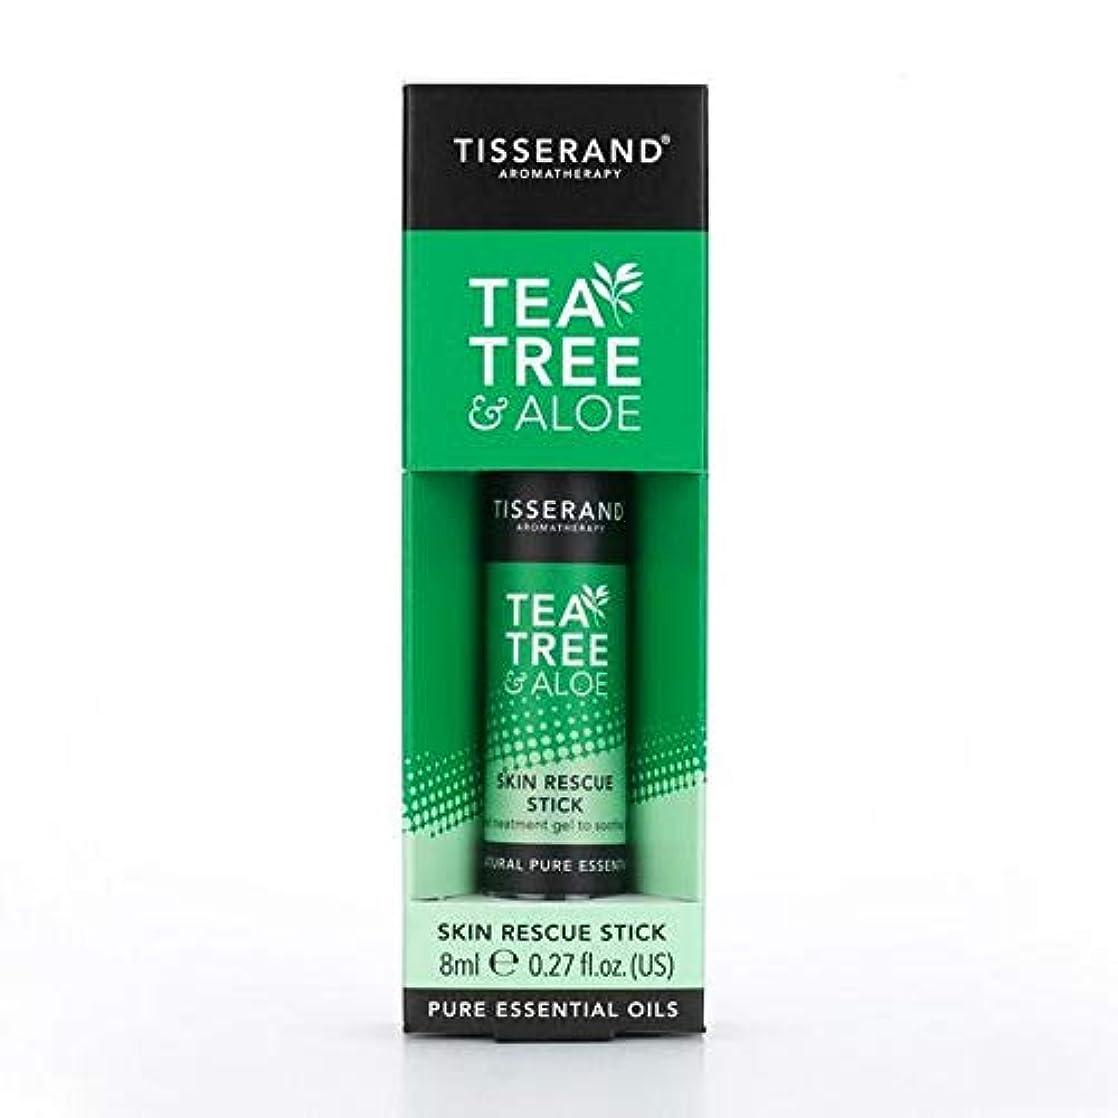 開発する分解するバインド[Tisserand] ティスランドティーツリー&アロエレスキュースティック8ミリリットル - Tisserand Tea Tree & Aloe Rescue Stick 8ml [並行輸入品]